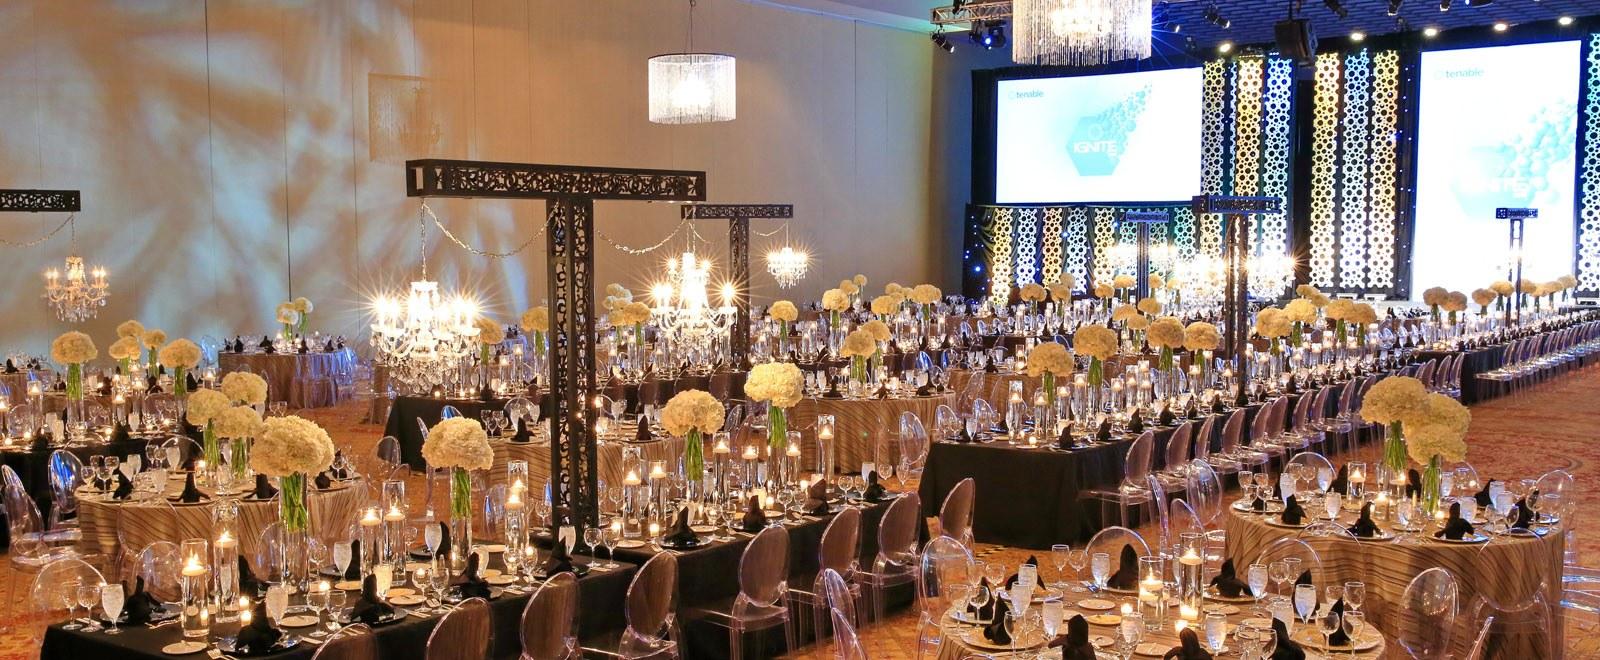 Rosen Shingle Creek Christmas 2020 Holiday Events | Rosen Shingle Creek®